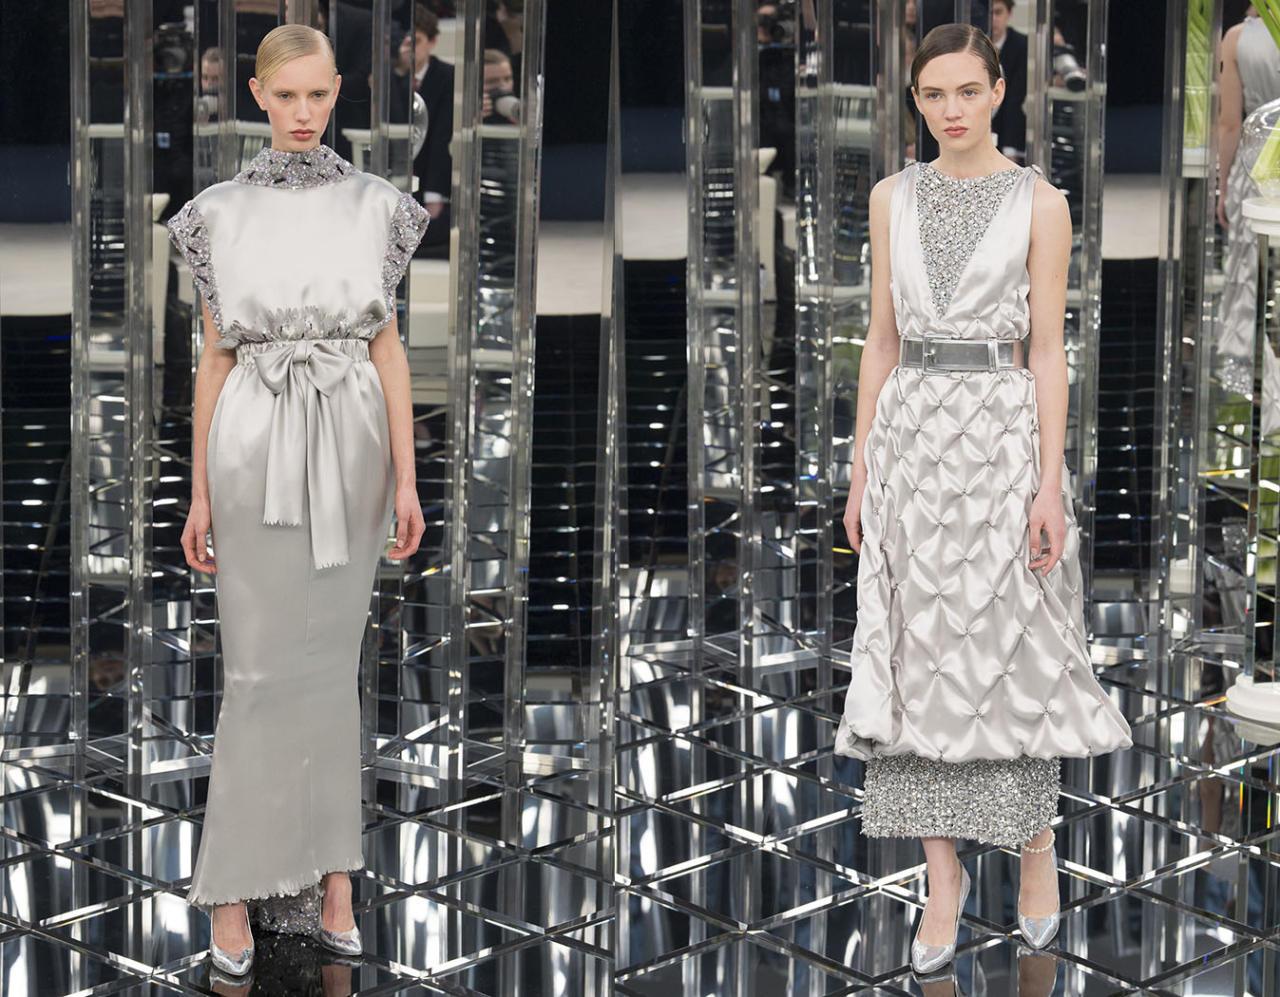 Скандал перед «Оскаром»— Мерил Стрип отказалась надевать одеяние Chanel